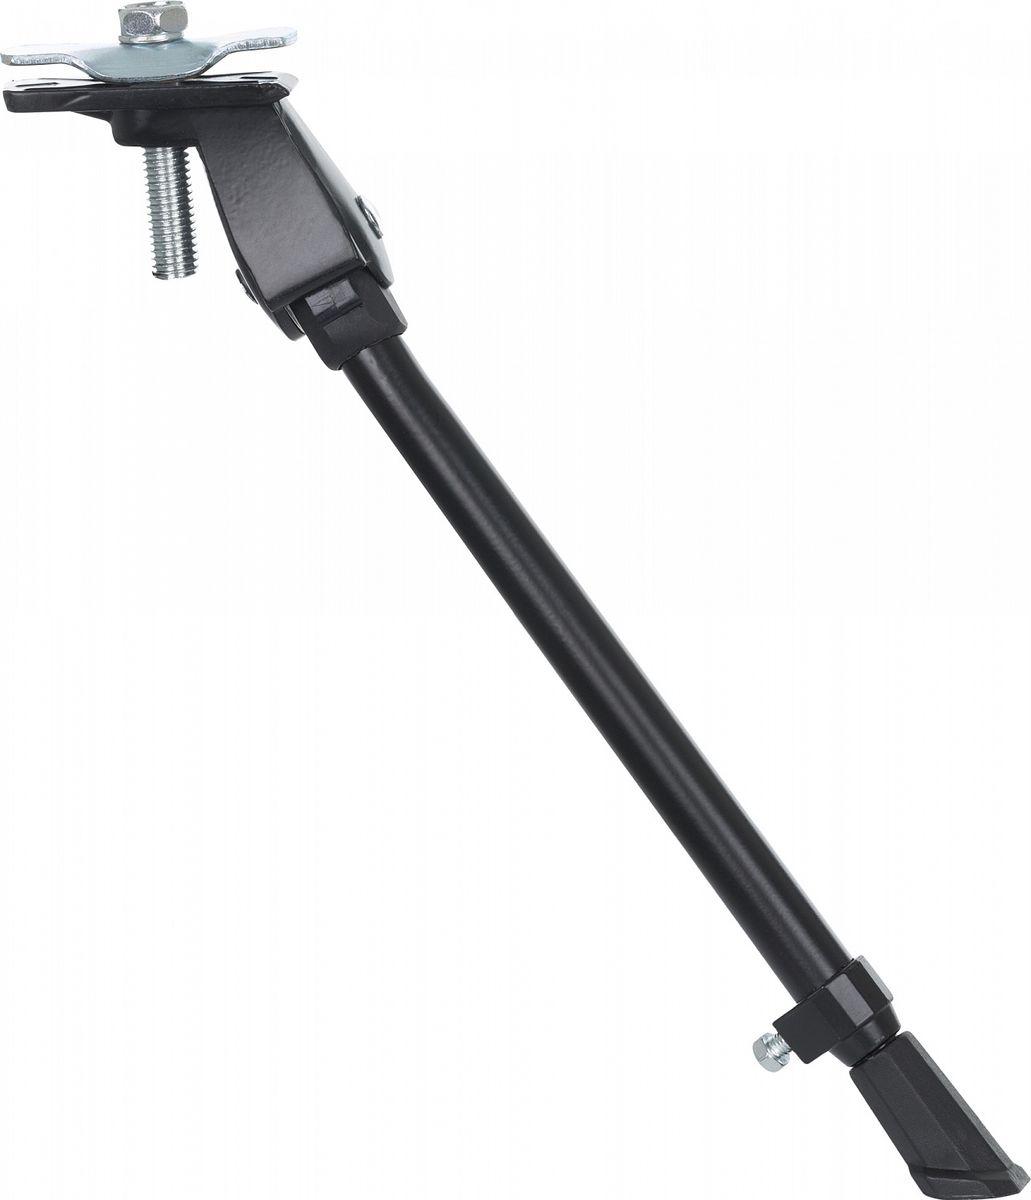 Подножка для велосипеда Stern, цвет: черный, 20-26CKS-3-S18Велосипедная подножка. Особенности модели: совместима с большинством велосипедов с диаметром колес 20-26 дюймов.